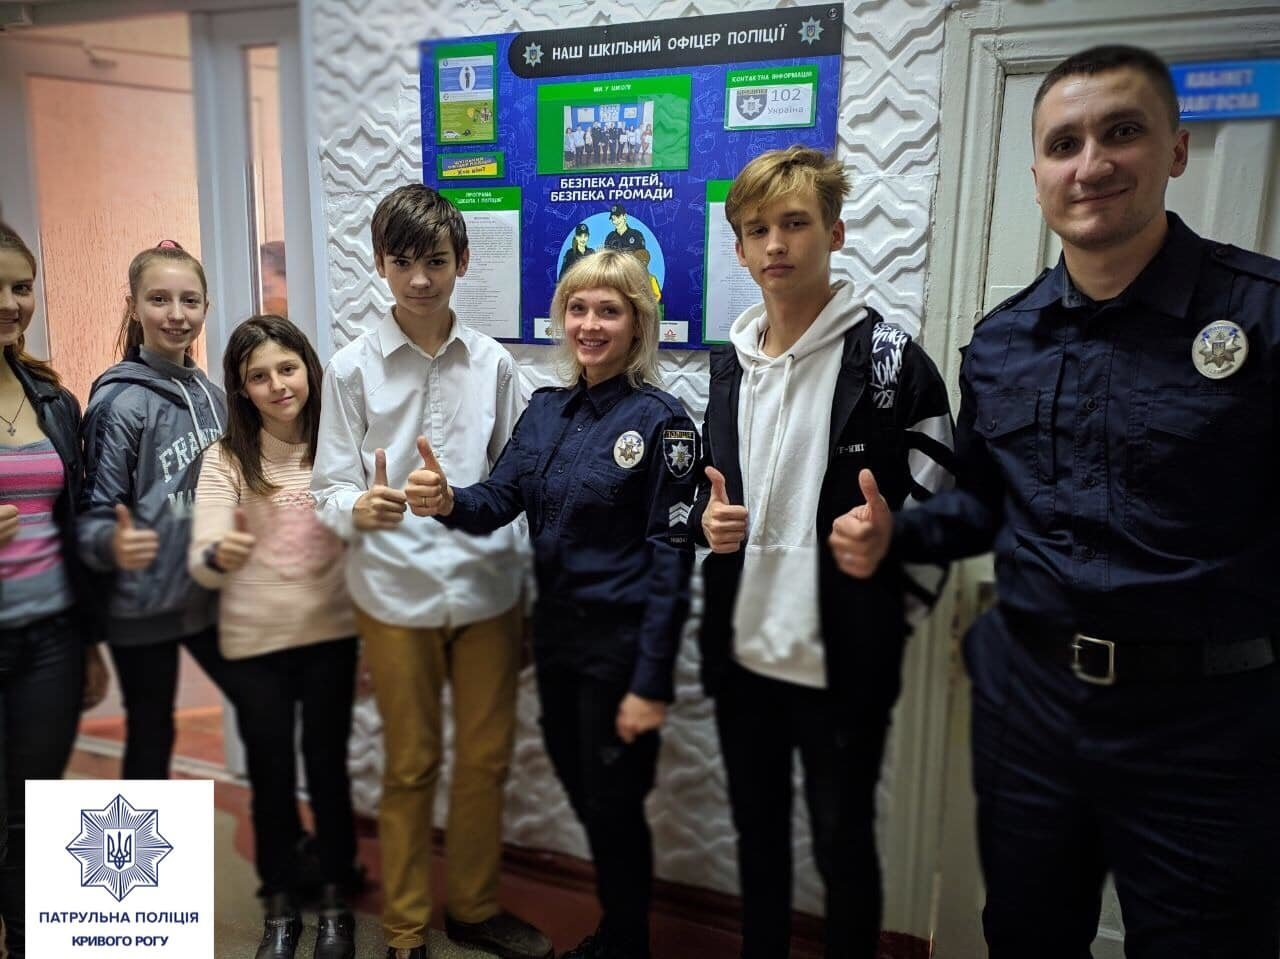 Криворожские школьники удивили патрульных во время демонстрации буллинга, - ФОТО , фото-1